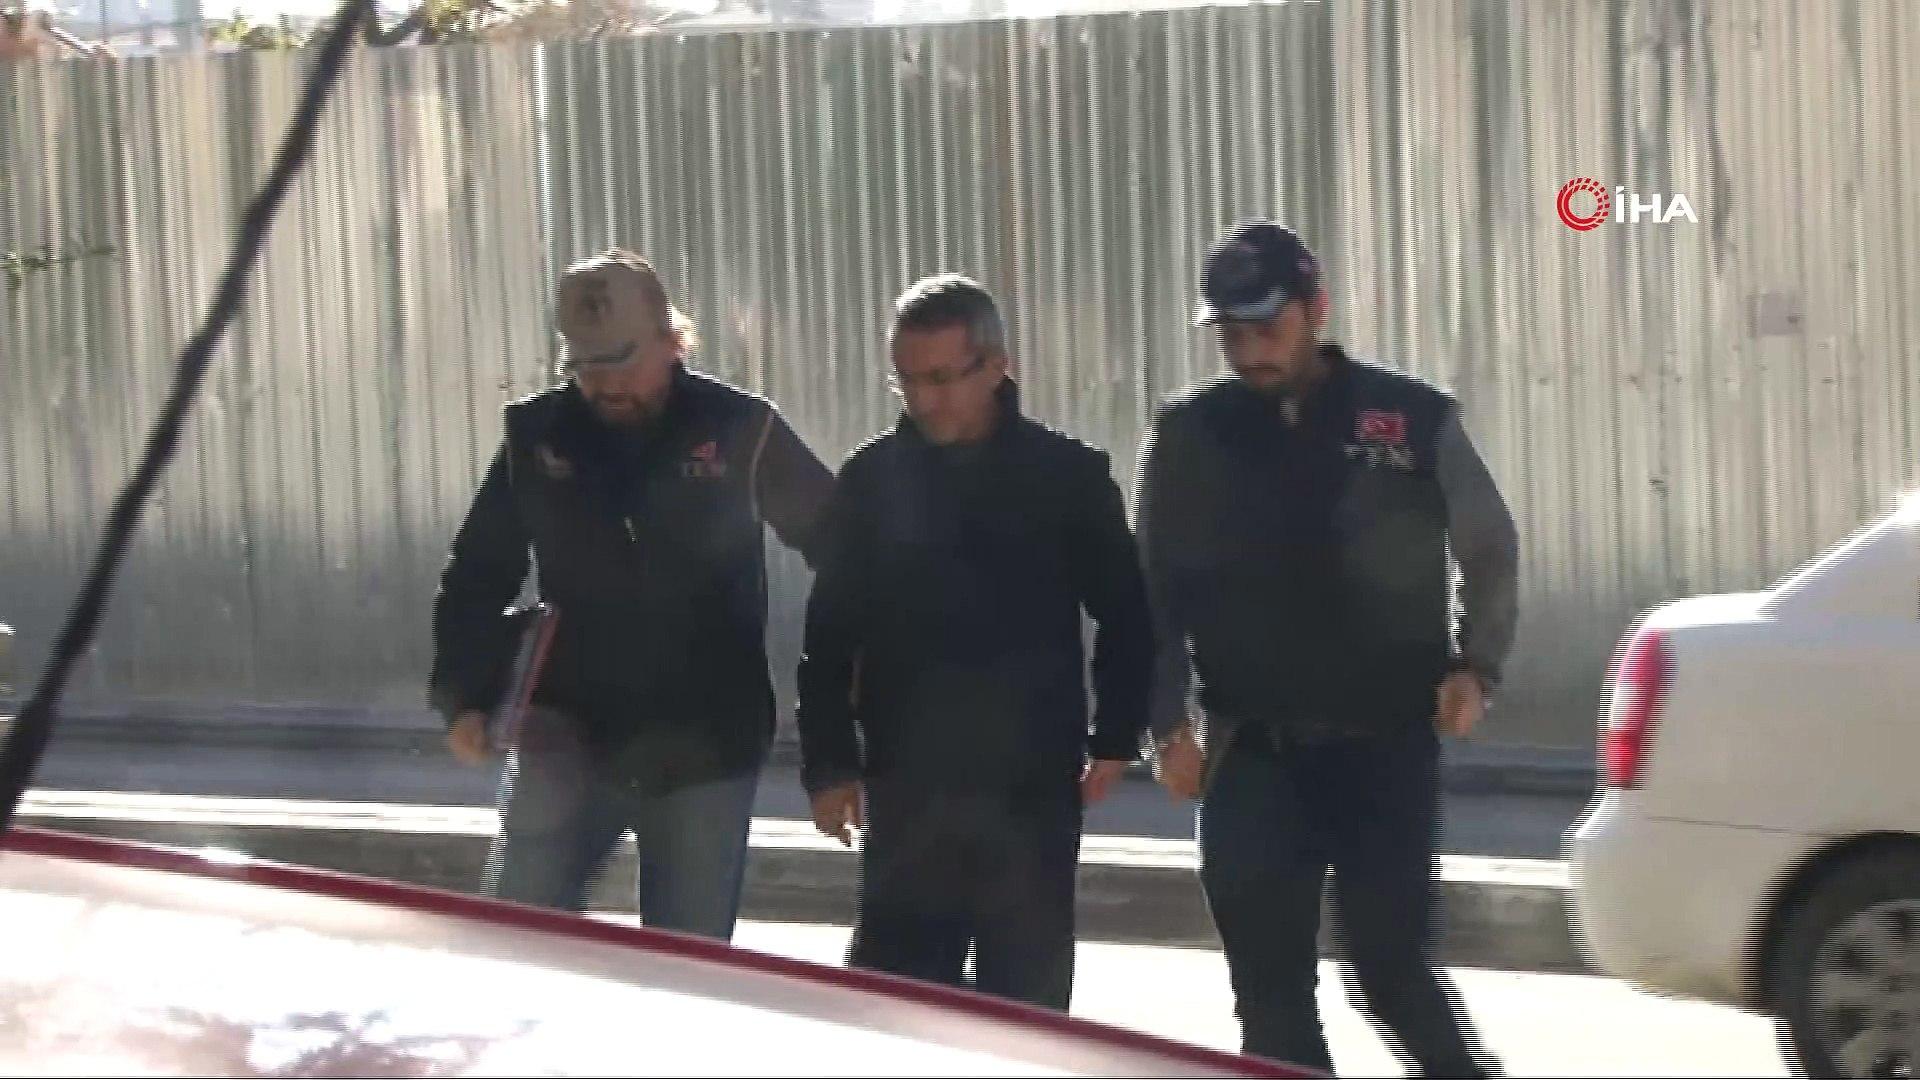 HSK tarafından meslekten ihraç edilen ve Ankara TEM Şube ekiplerince gözaltına alınan eski savcı Fer